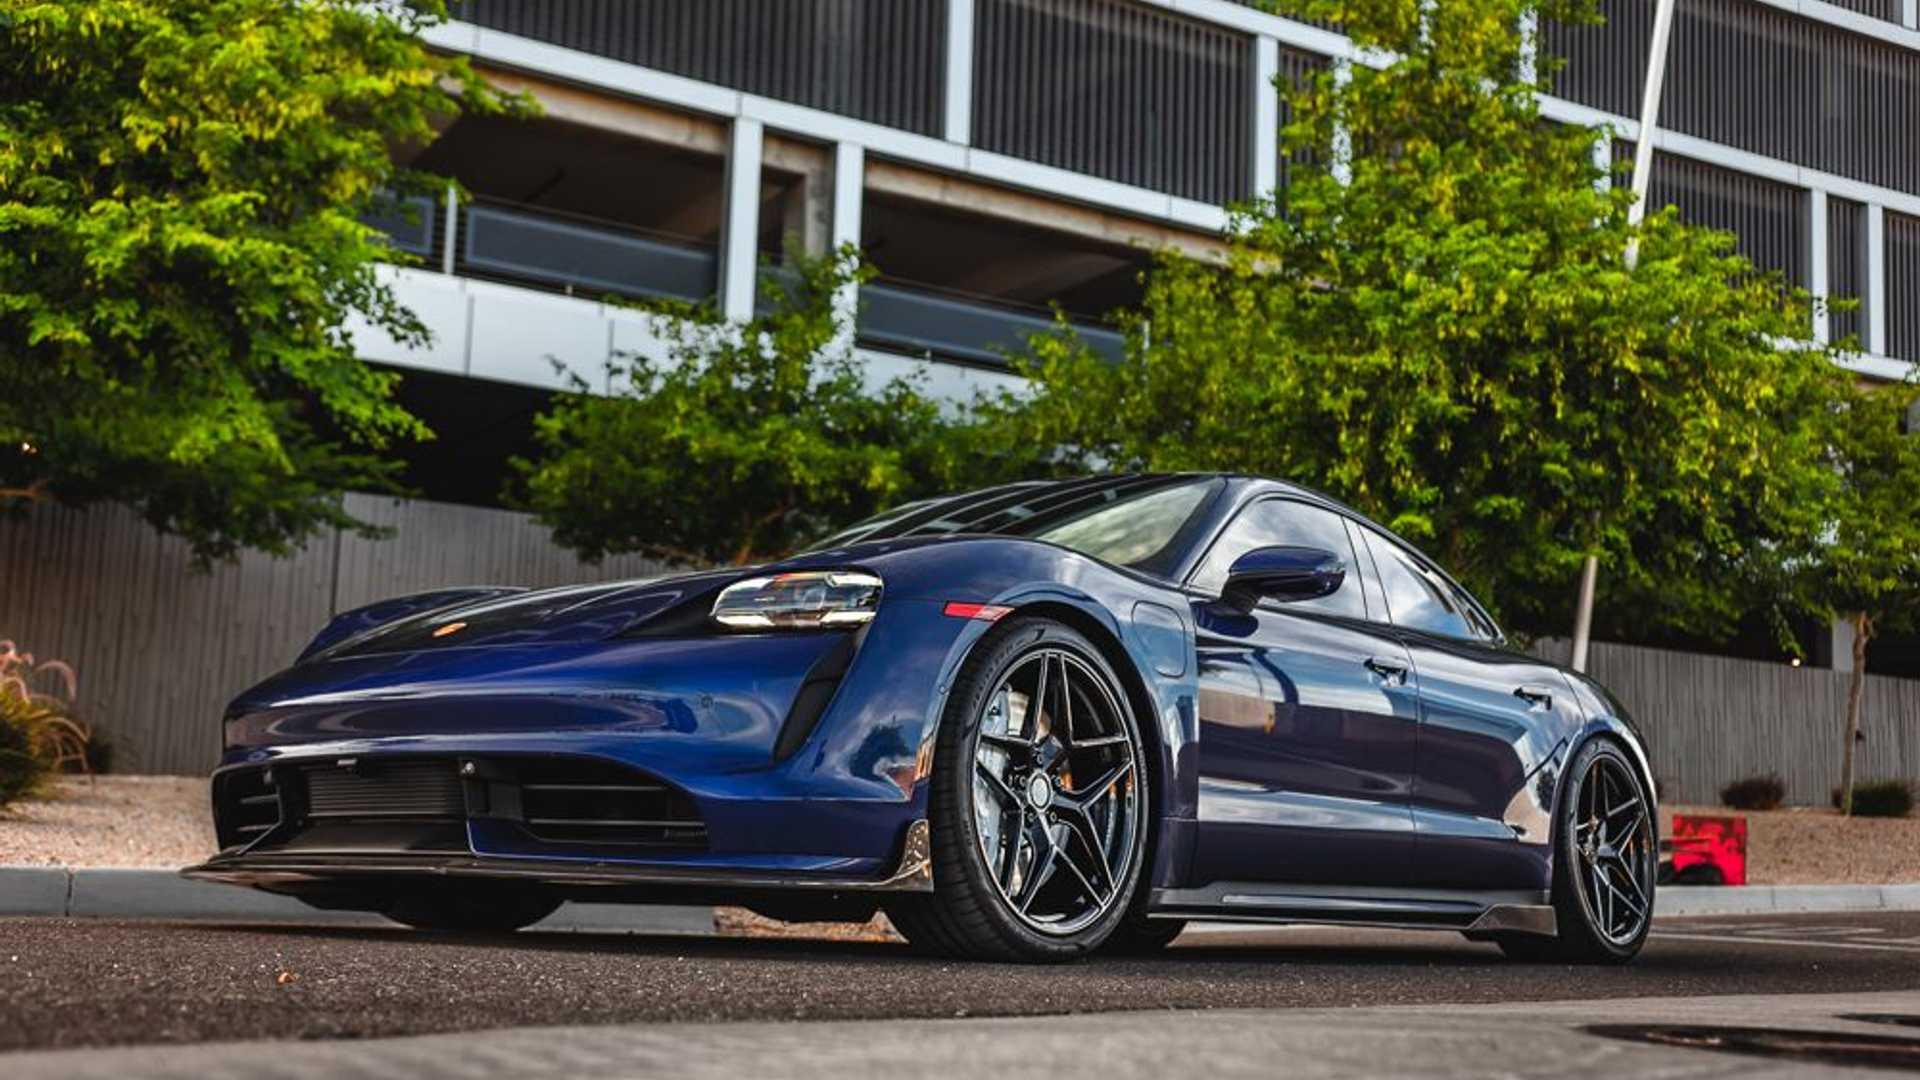 Porsche-Taycan-by-Vivid-Racing-16